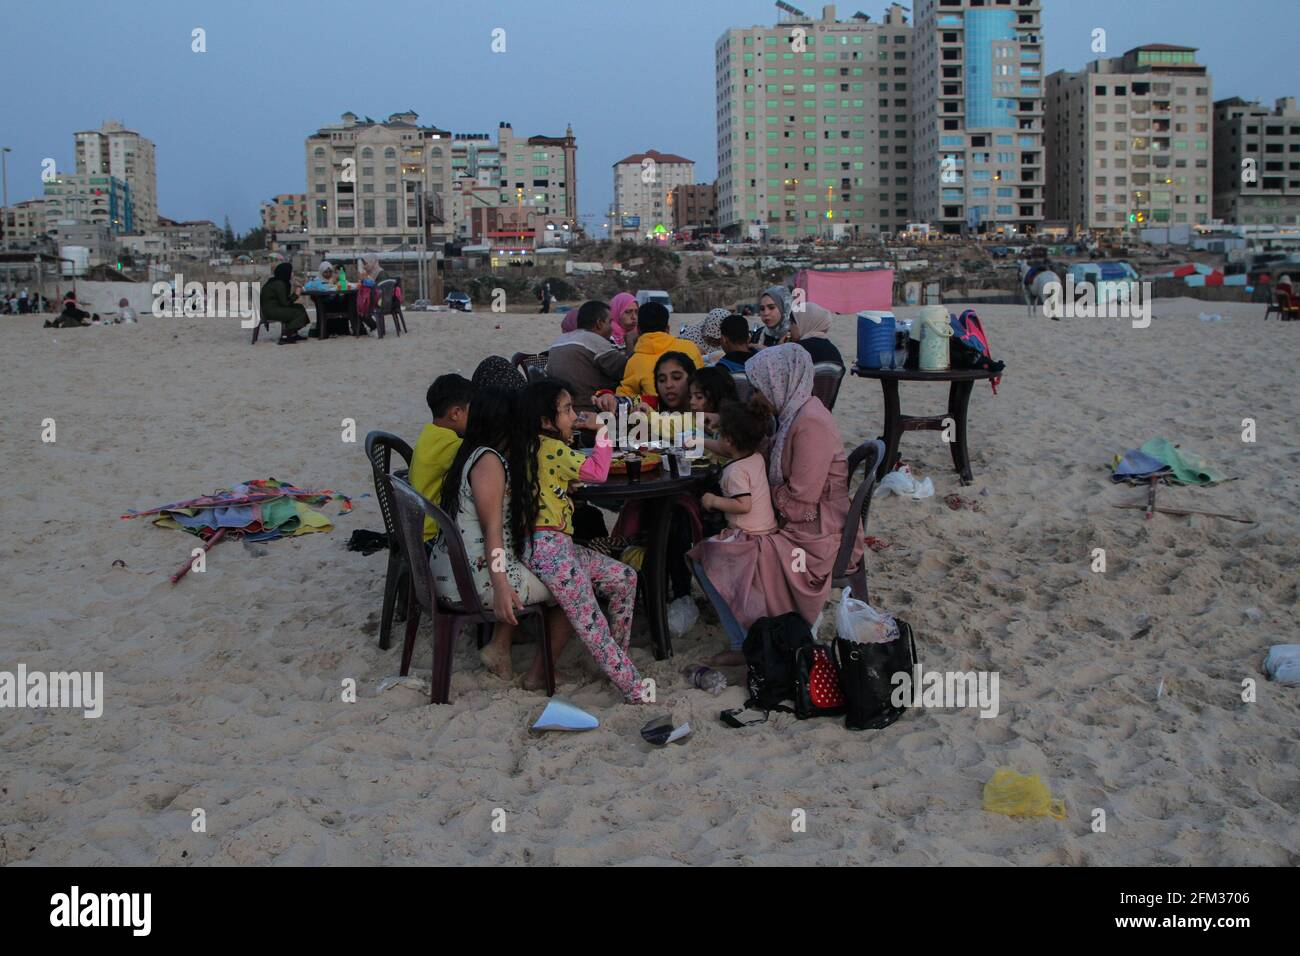 Gaza. 5 mai 2021. Les Palestiniens ont iftar au bord de la mer pendant le mois Saint du Ramadan à Gaza, le 5 mai 2021. Credit: Rizek Abdeljawad/Xinhua/Alamy Live News Banque D'Images